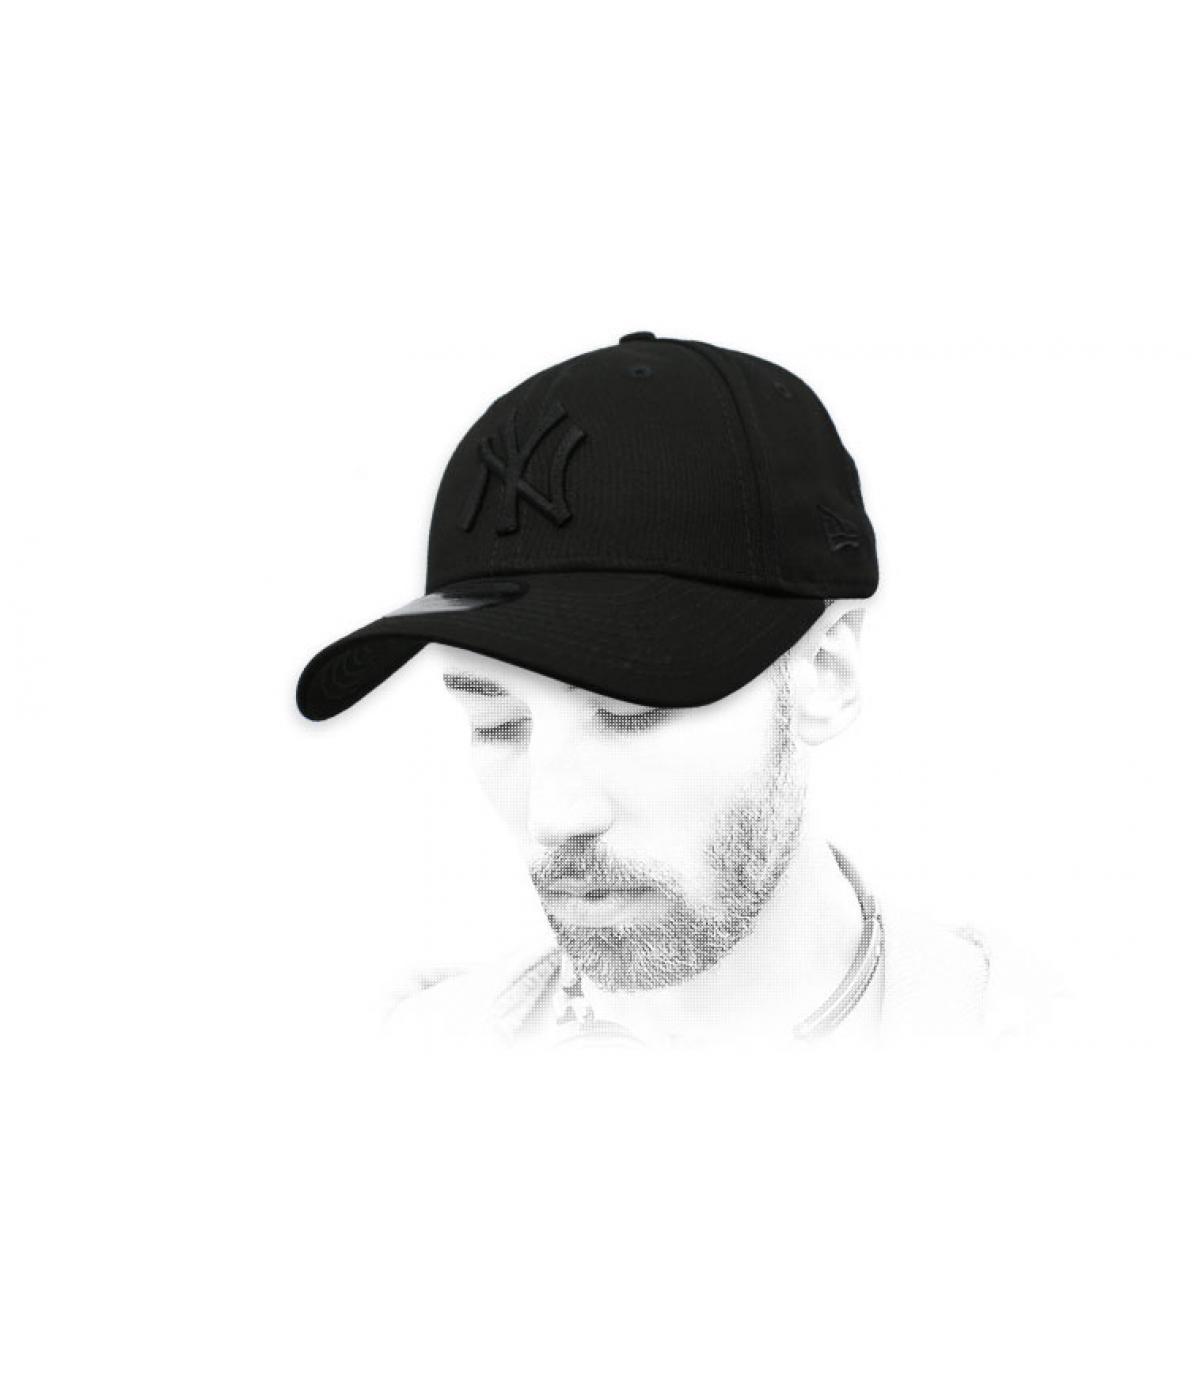 New Era zwarte NY cap